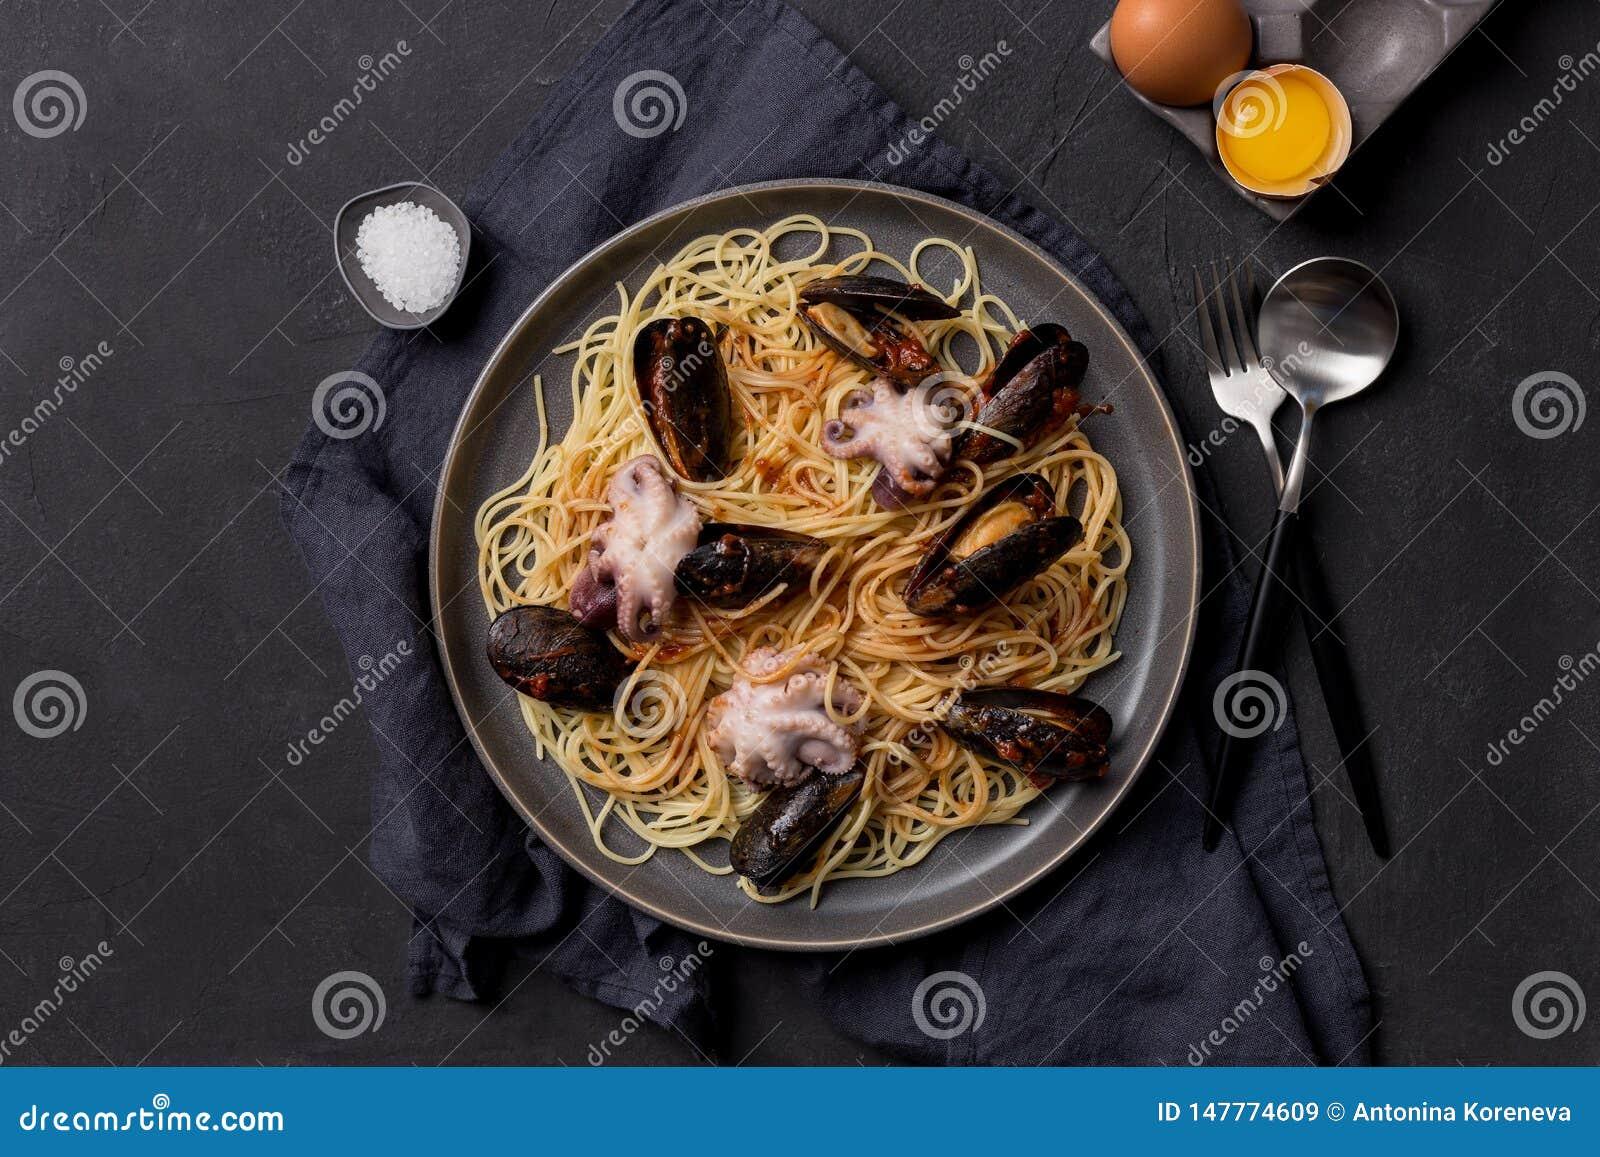 Smaklig pasta med bläckfisken och musslor på grå bakgrund